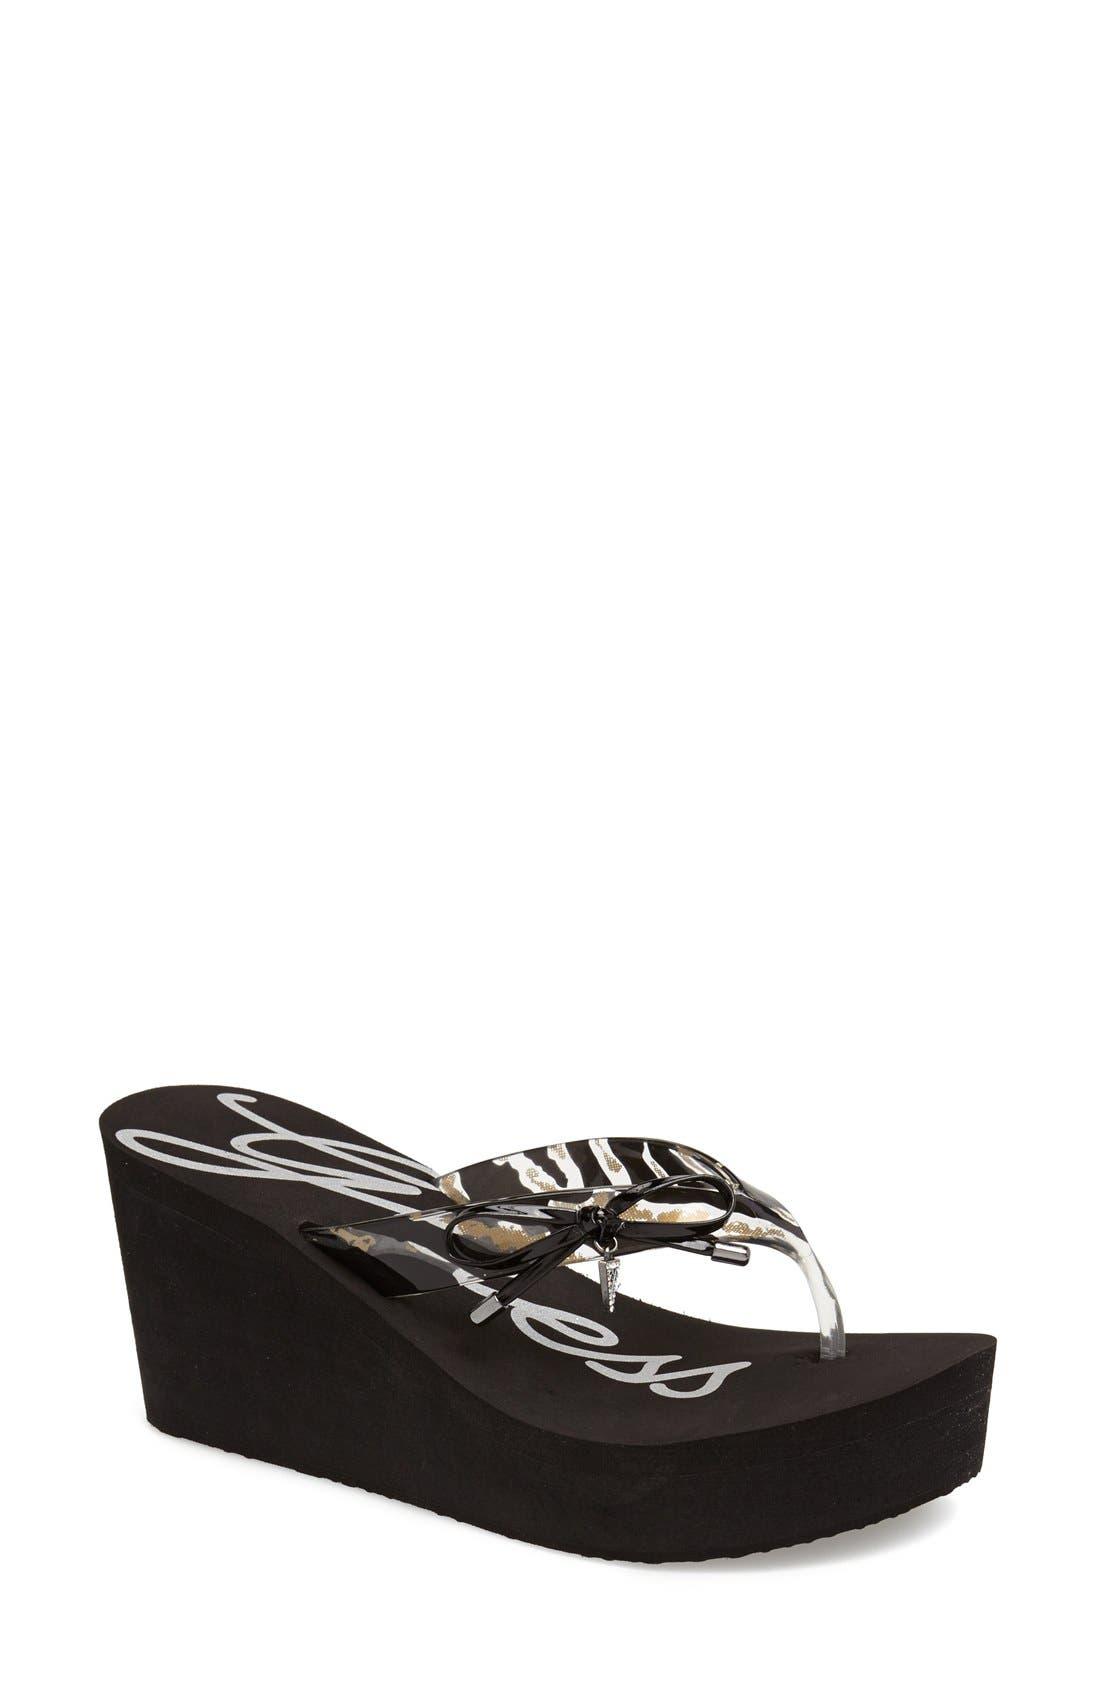 Main Image - Guess 'Syona' Sandal